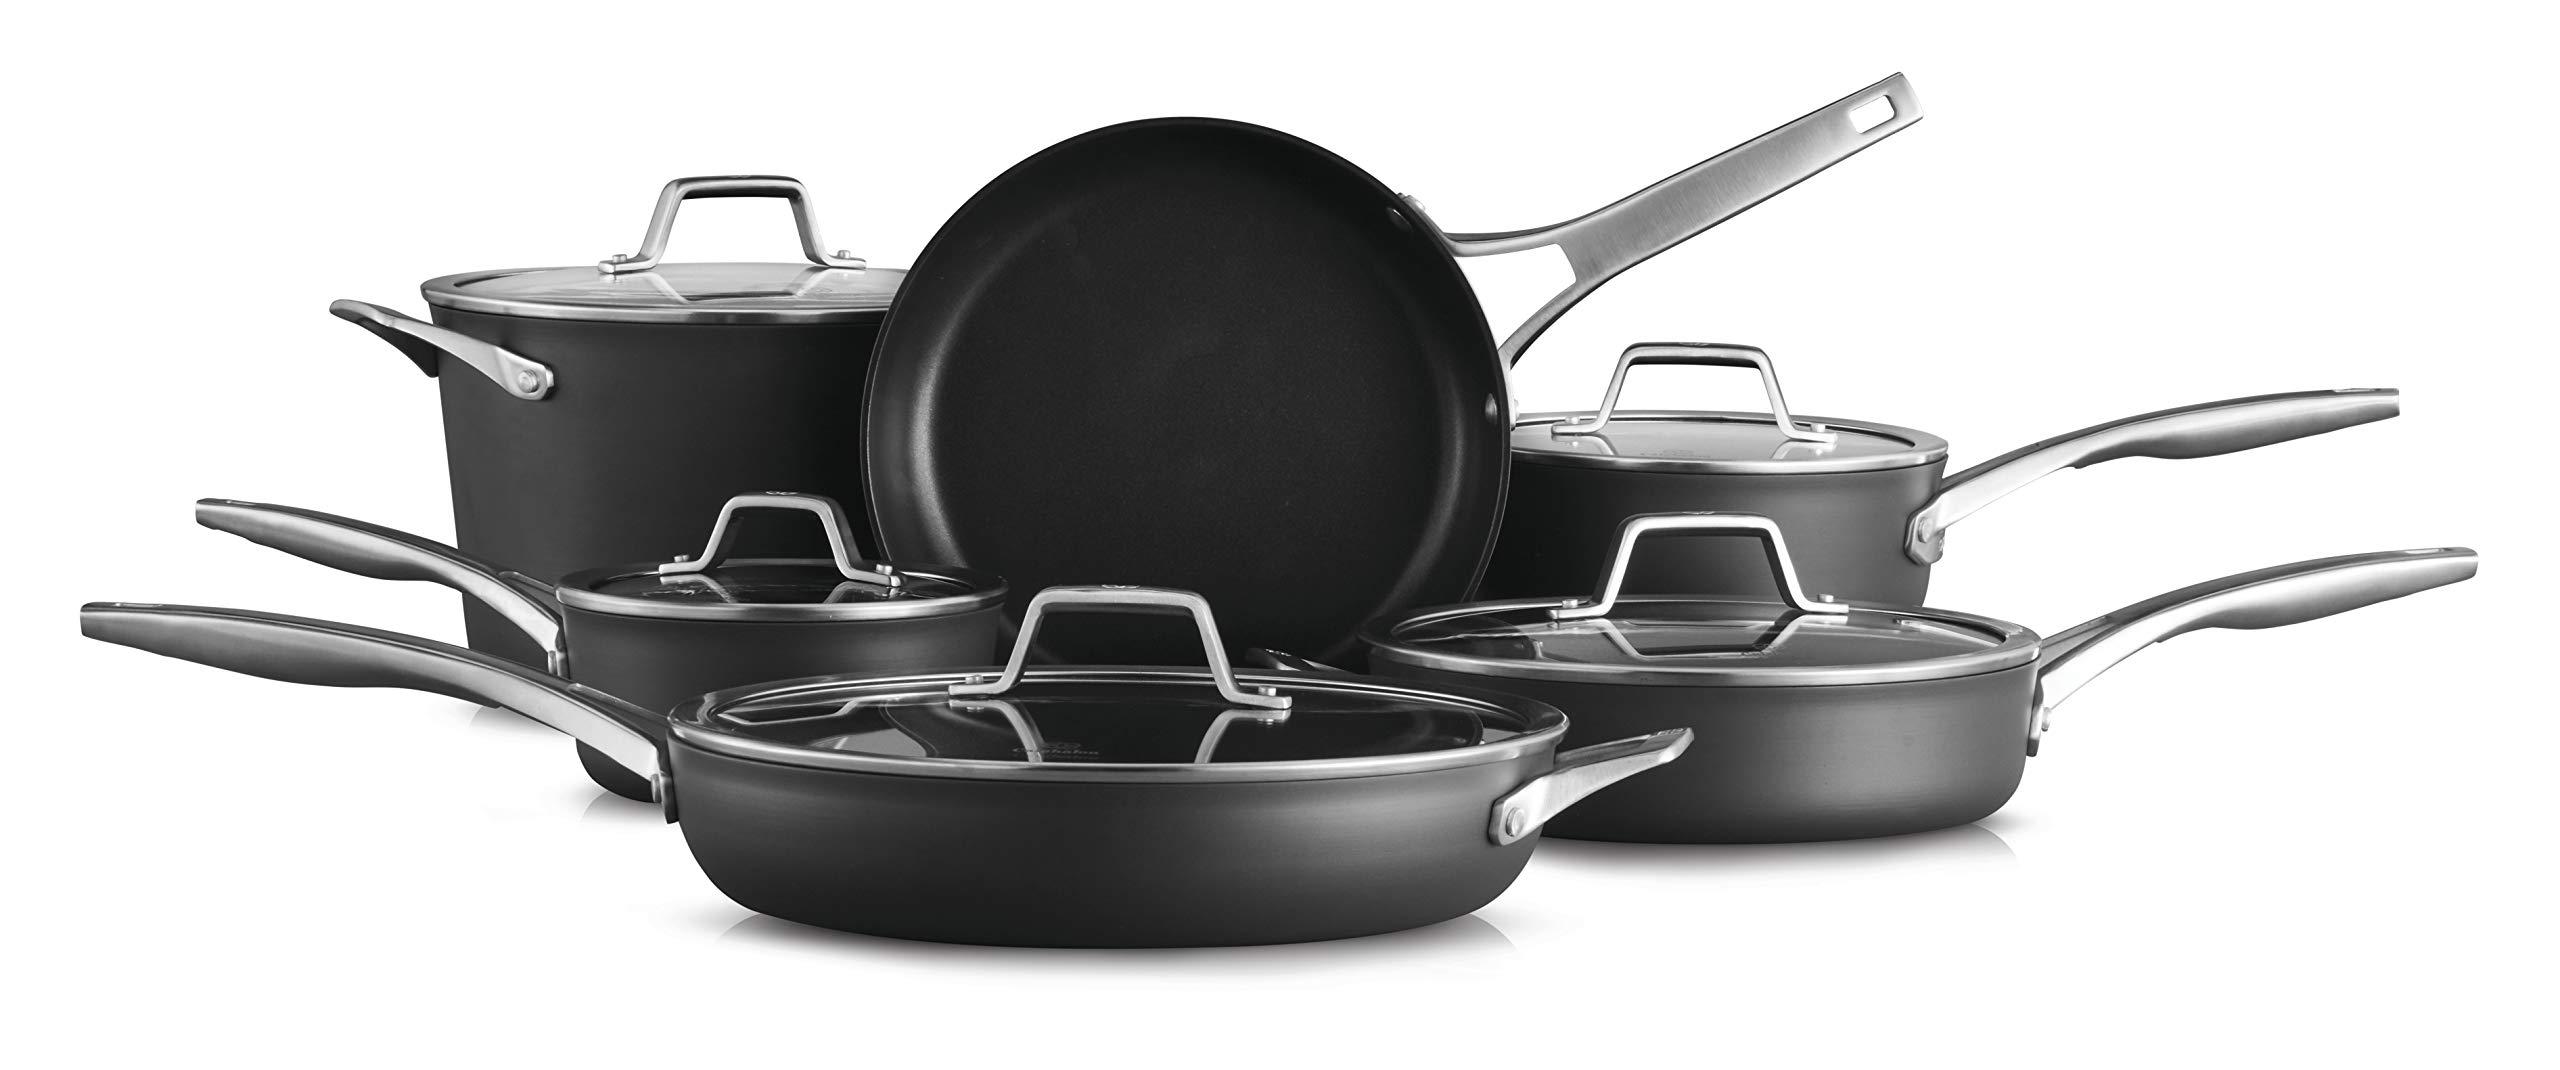 Calphalon 2029626 Premier Hard-Anodized Nonstick 11 Piece Cookware Set, Black